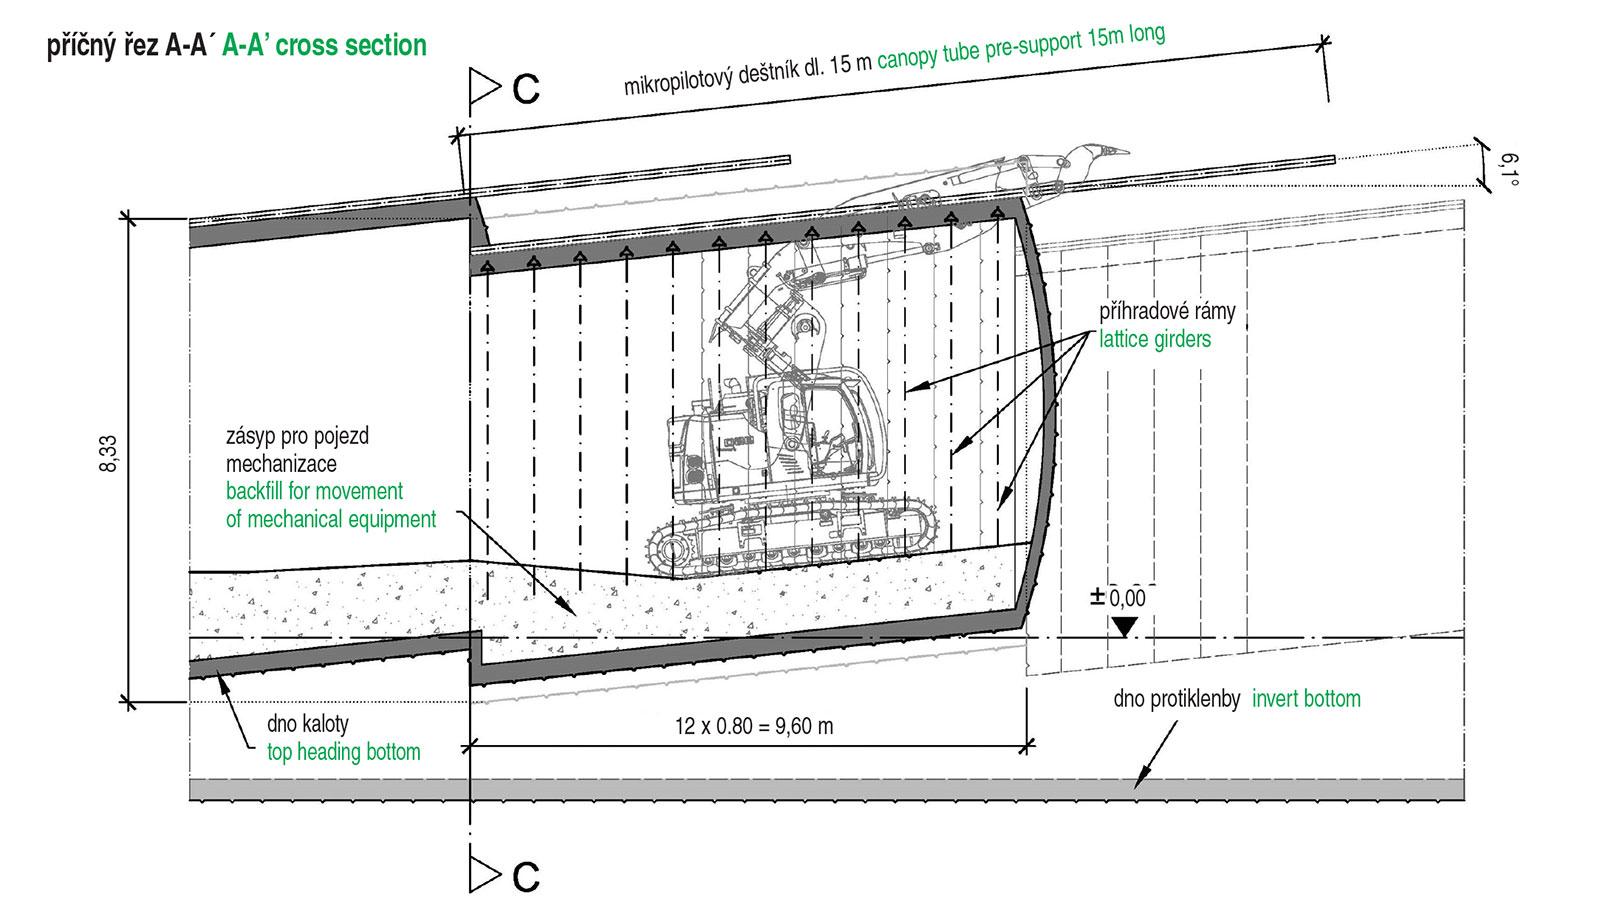 Obr. 6 Podélný řez – výřez z projektové dokumentace (zdroj: BeMo Tunneling)